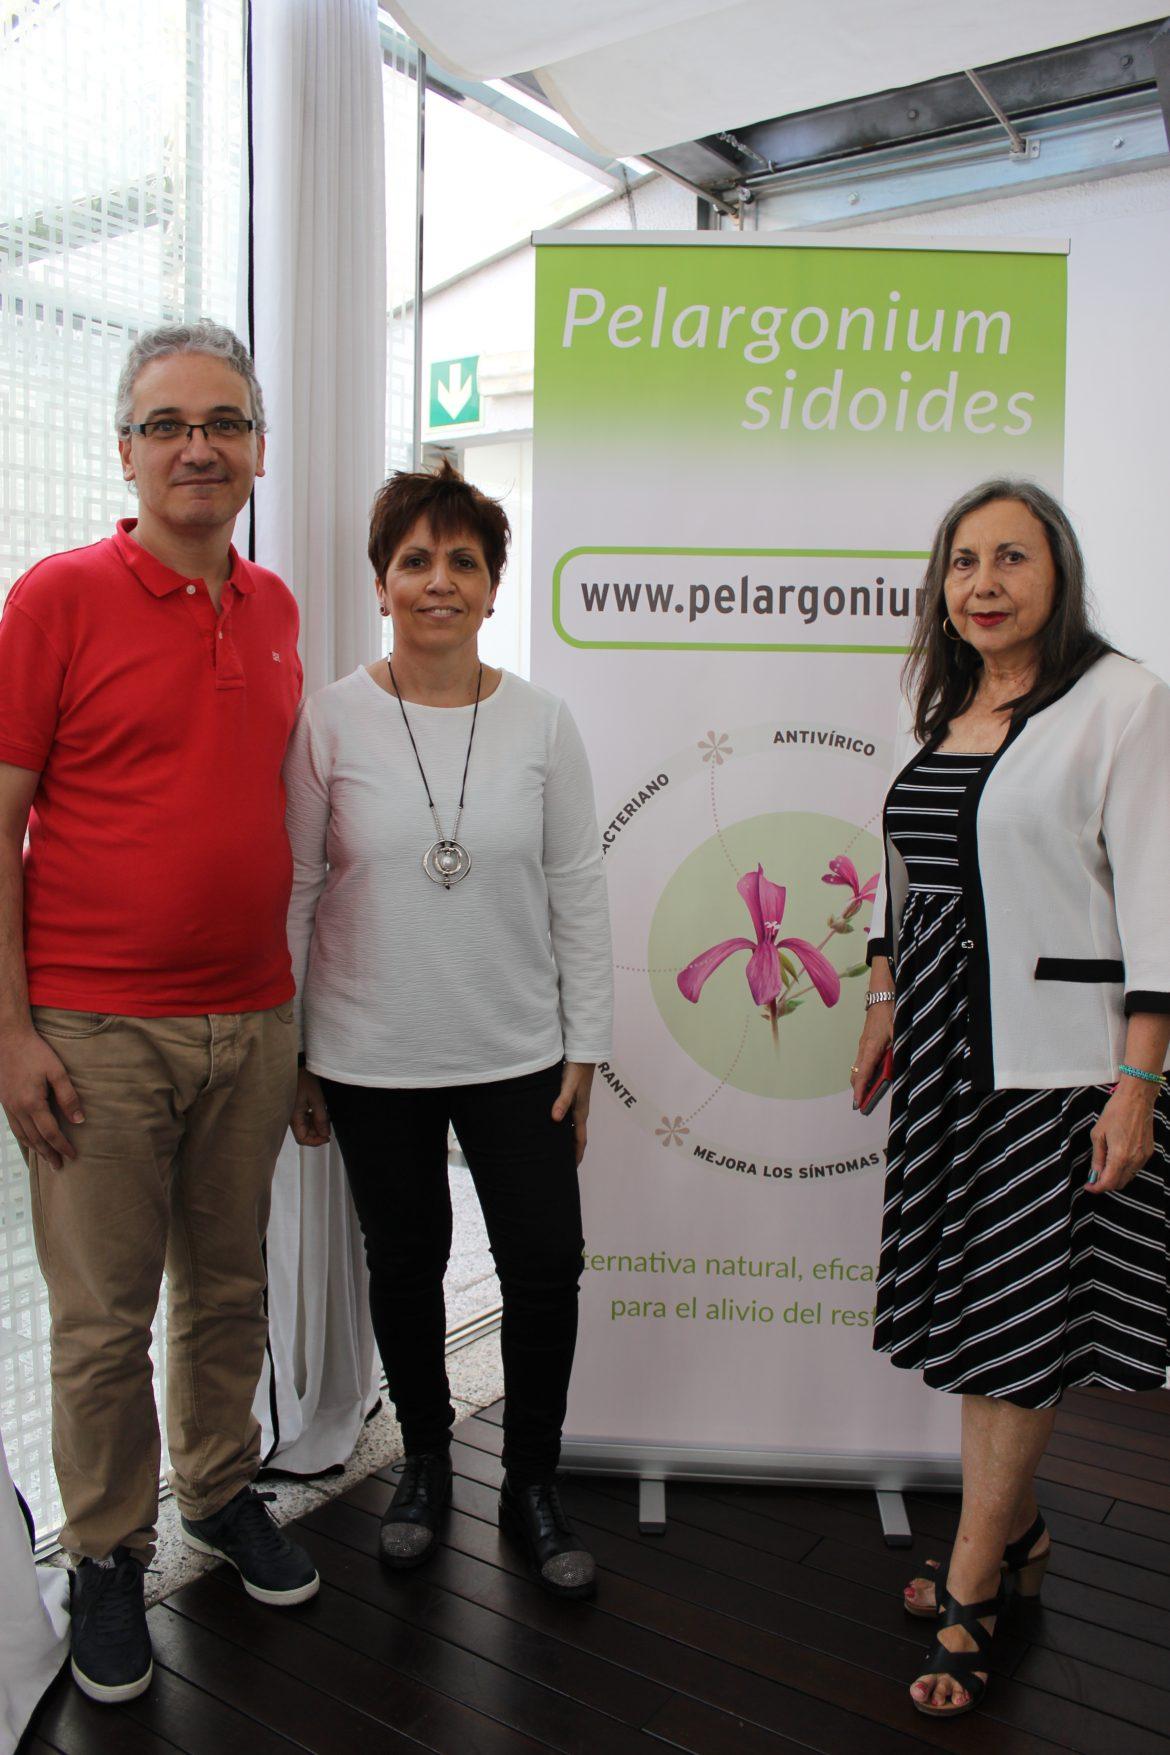 Pelargonium sidoides, una planta para combatir el resfriado